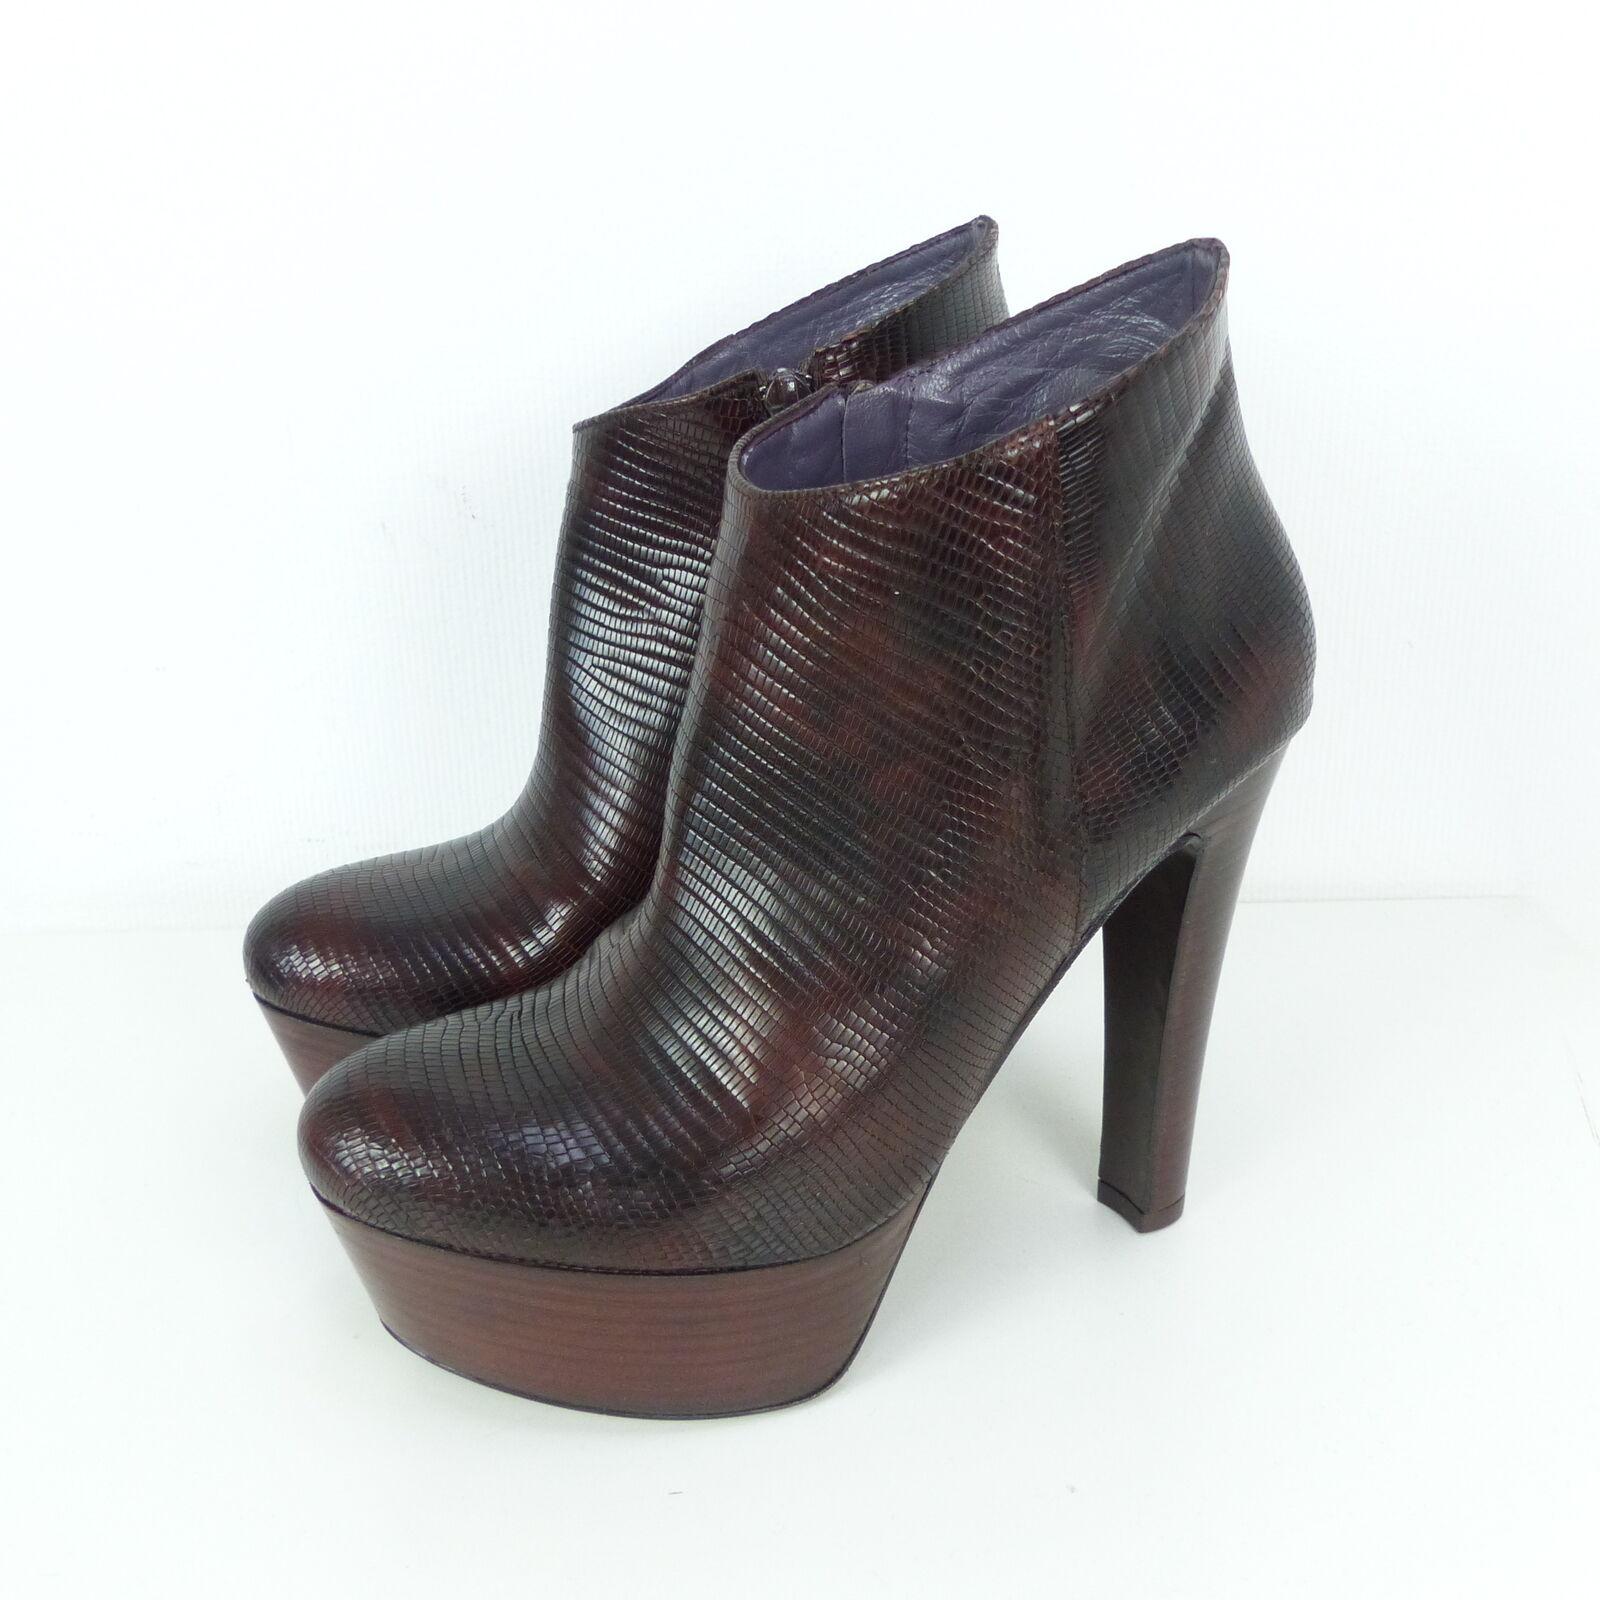 SOM-MITS stivaletti stivaletti stivaletti ankle stivali high heals PLATEAU MarroneeE rettile Mis. EUR 39 (sr7) | Alta sicurezza  | Scolaro/Ragazze Scarpa  ad2532